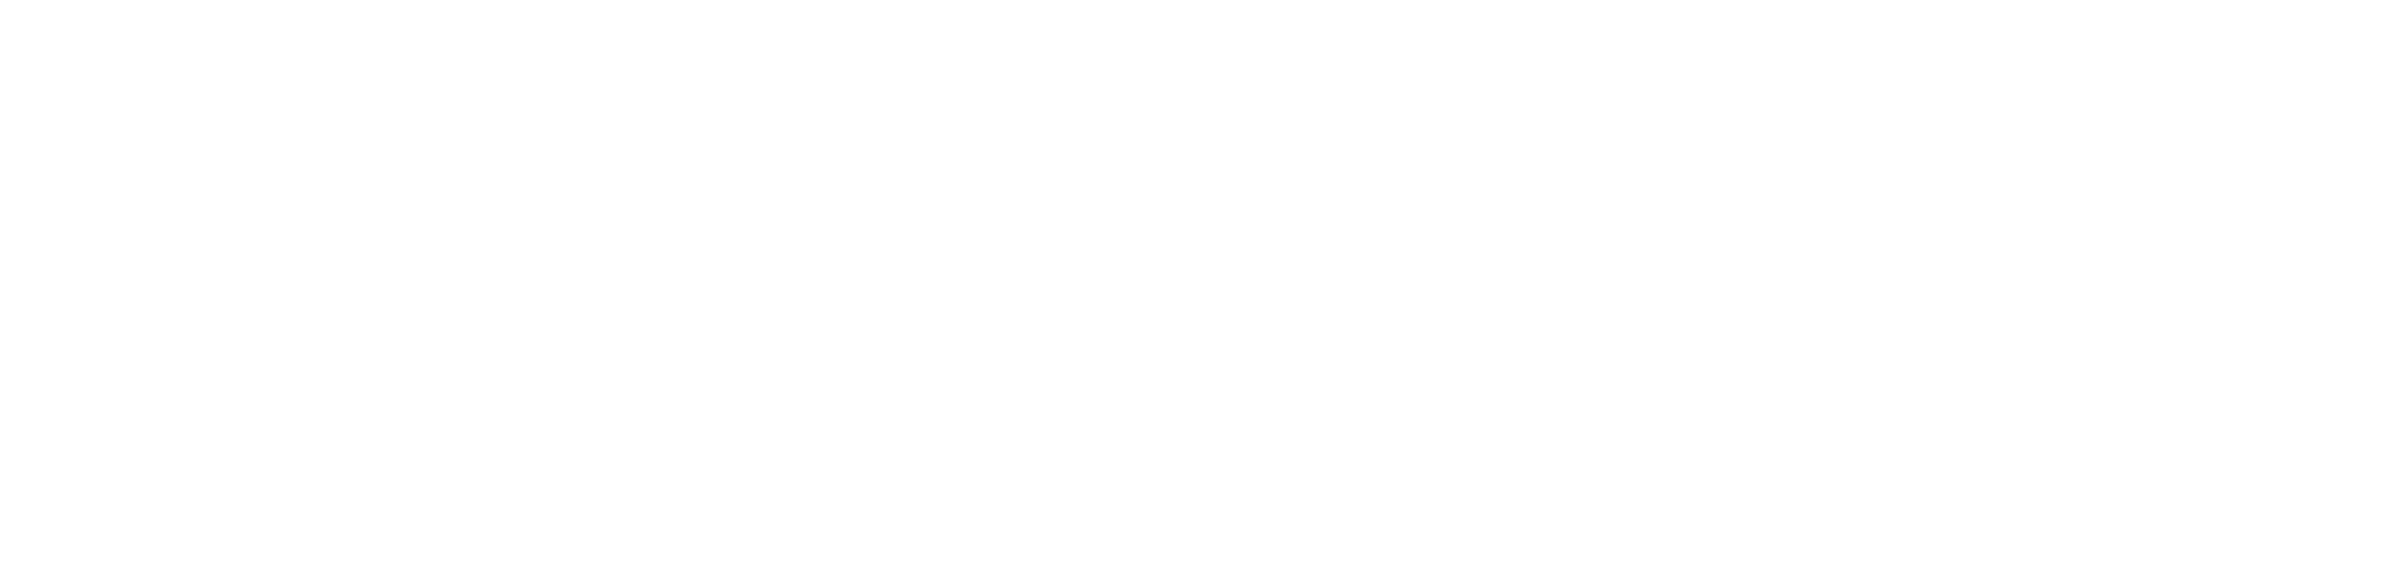 أرشيف المسجد الأقصى المبارك